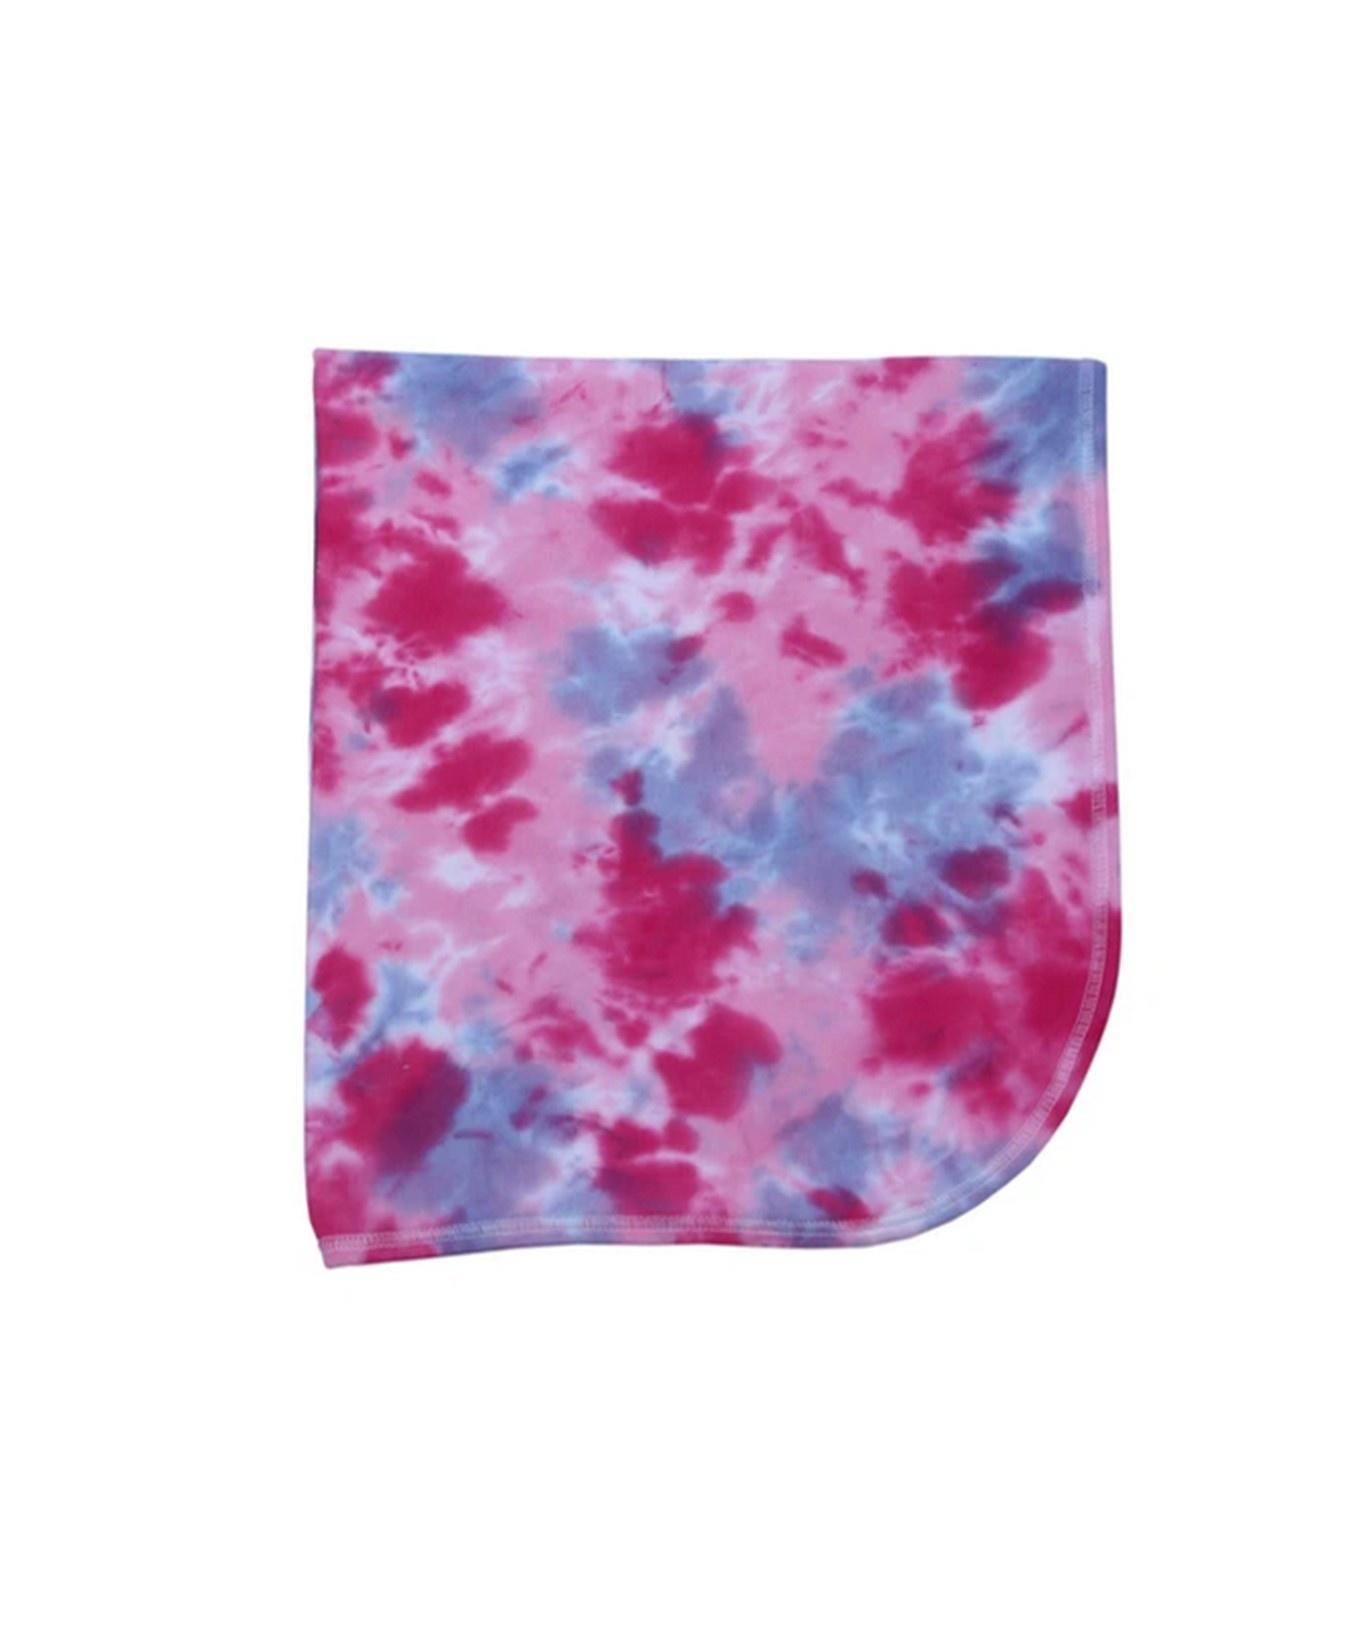 Baby Steps Pink/Purple Tie Dye Blanket